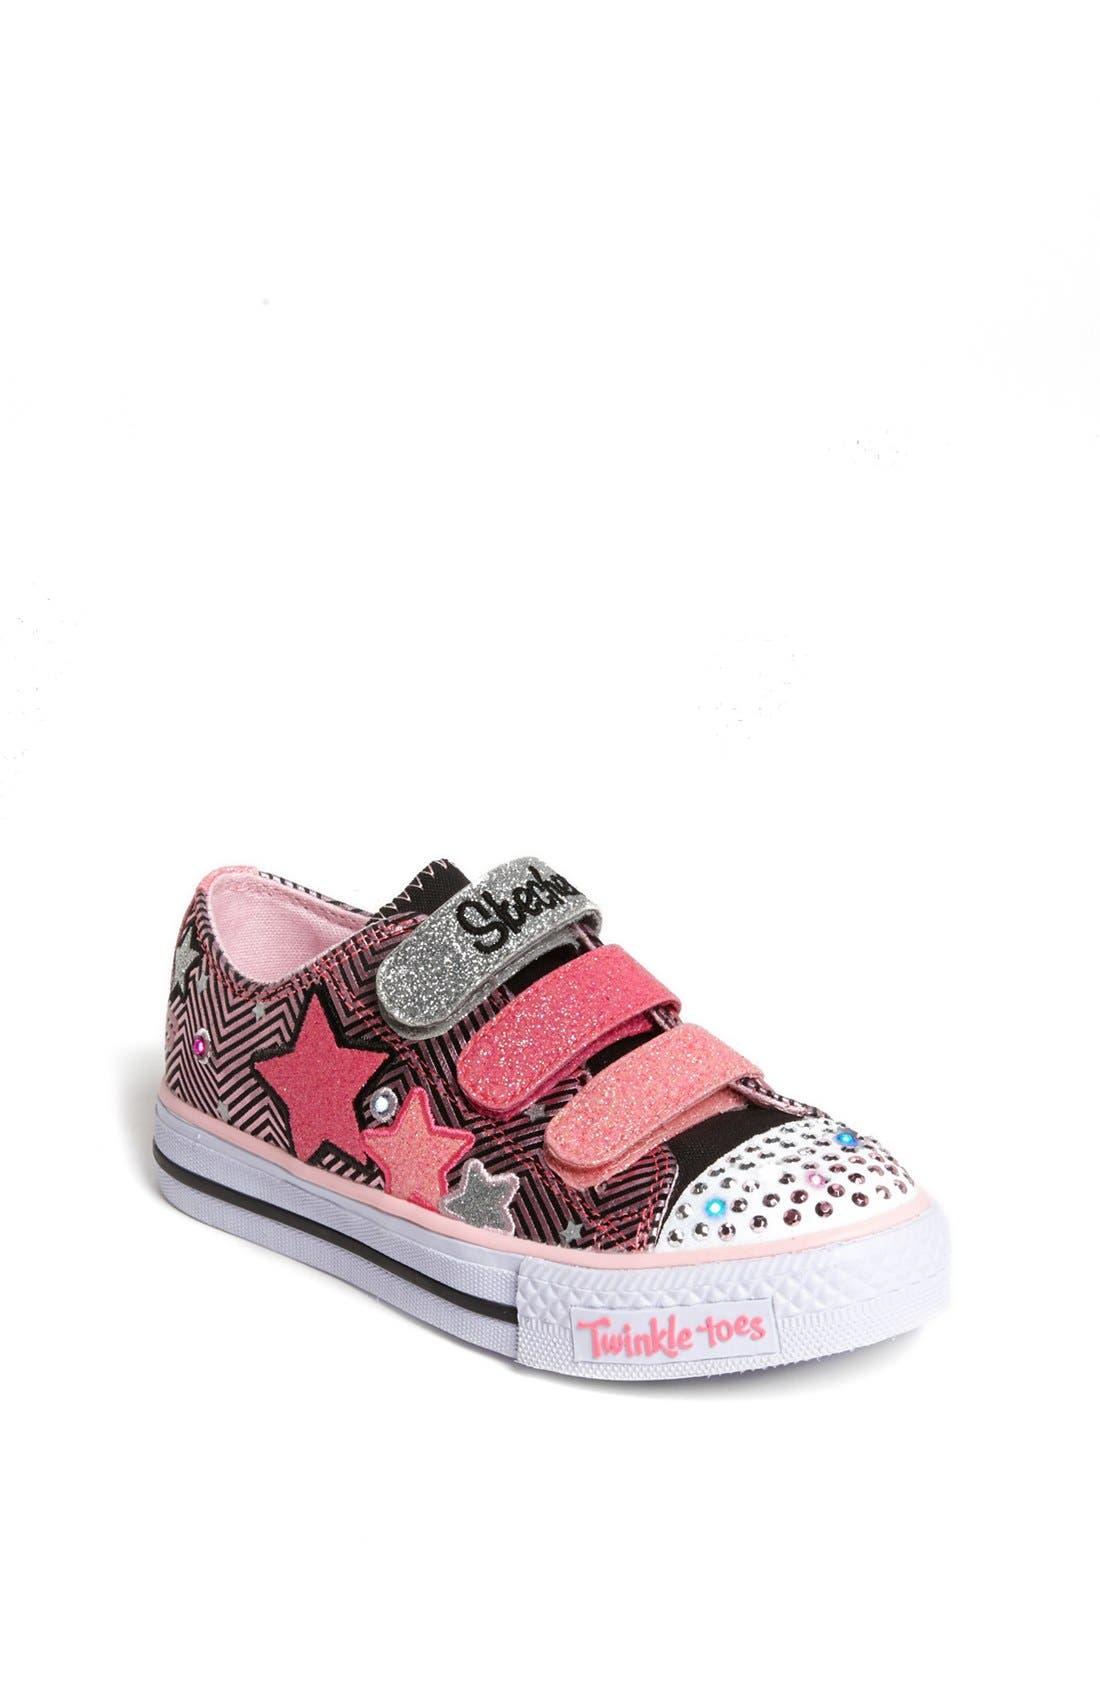 Alternate Image 1 Selected - SKECHERS 'Shuffles' Light-Up Sneaker (Toddler & Little Kid)